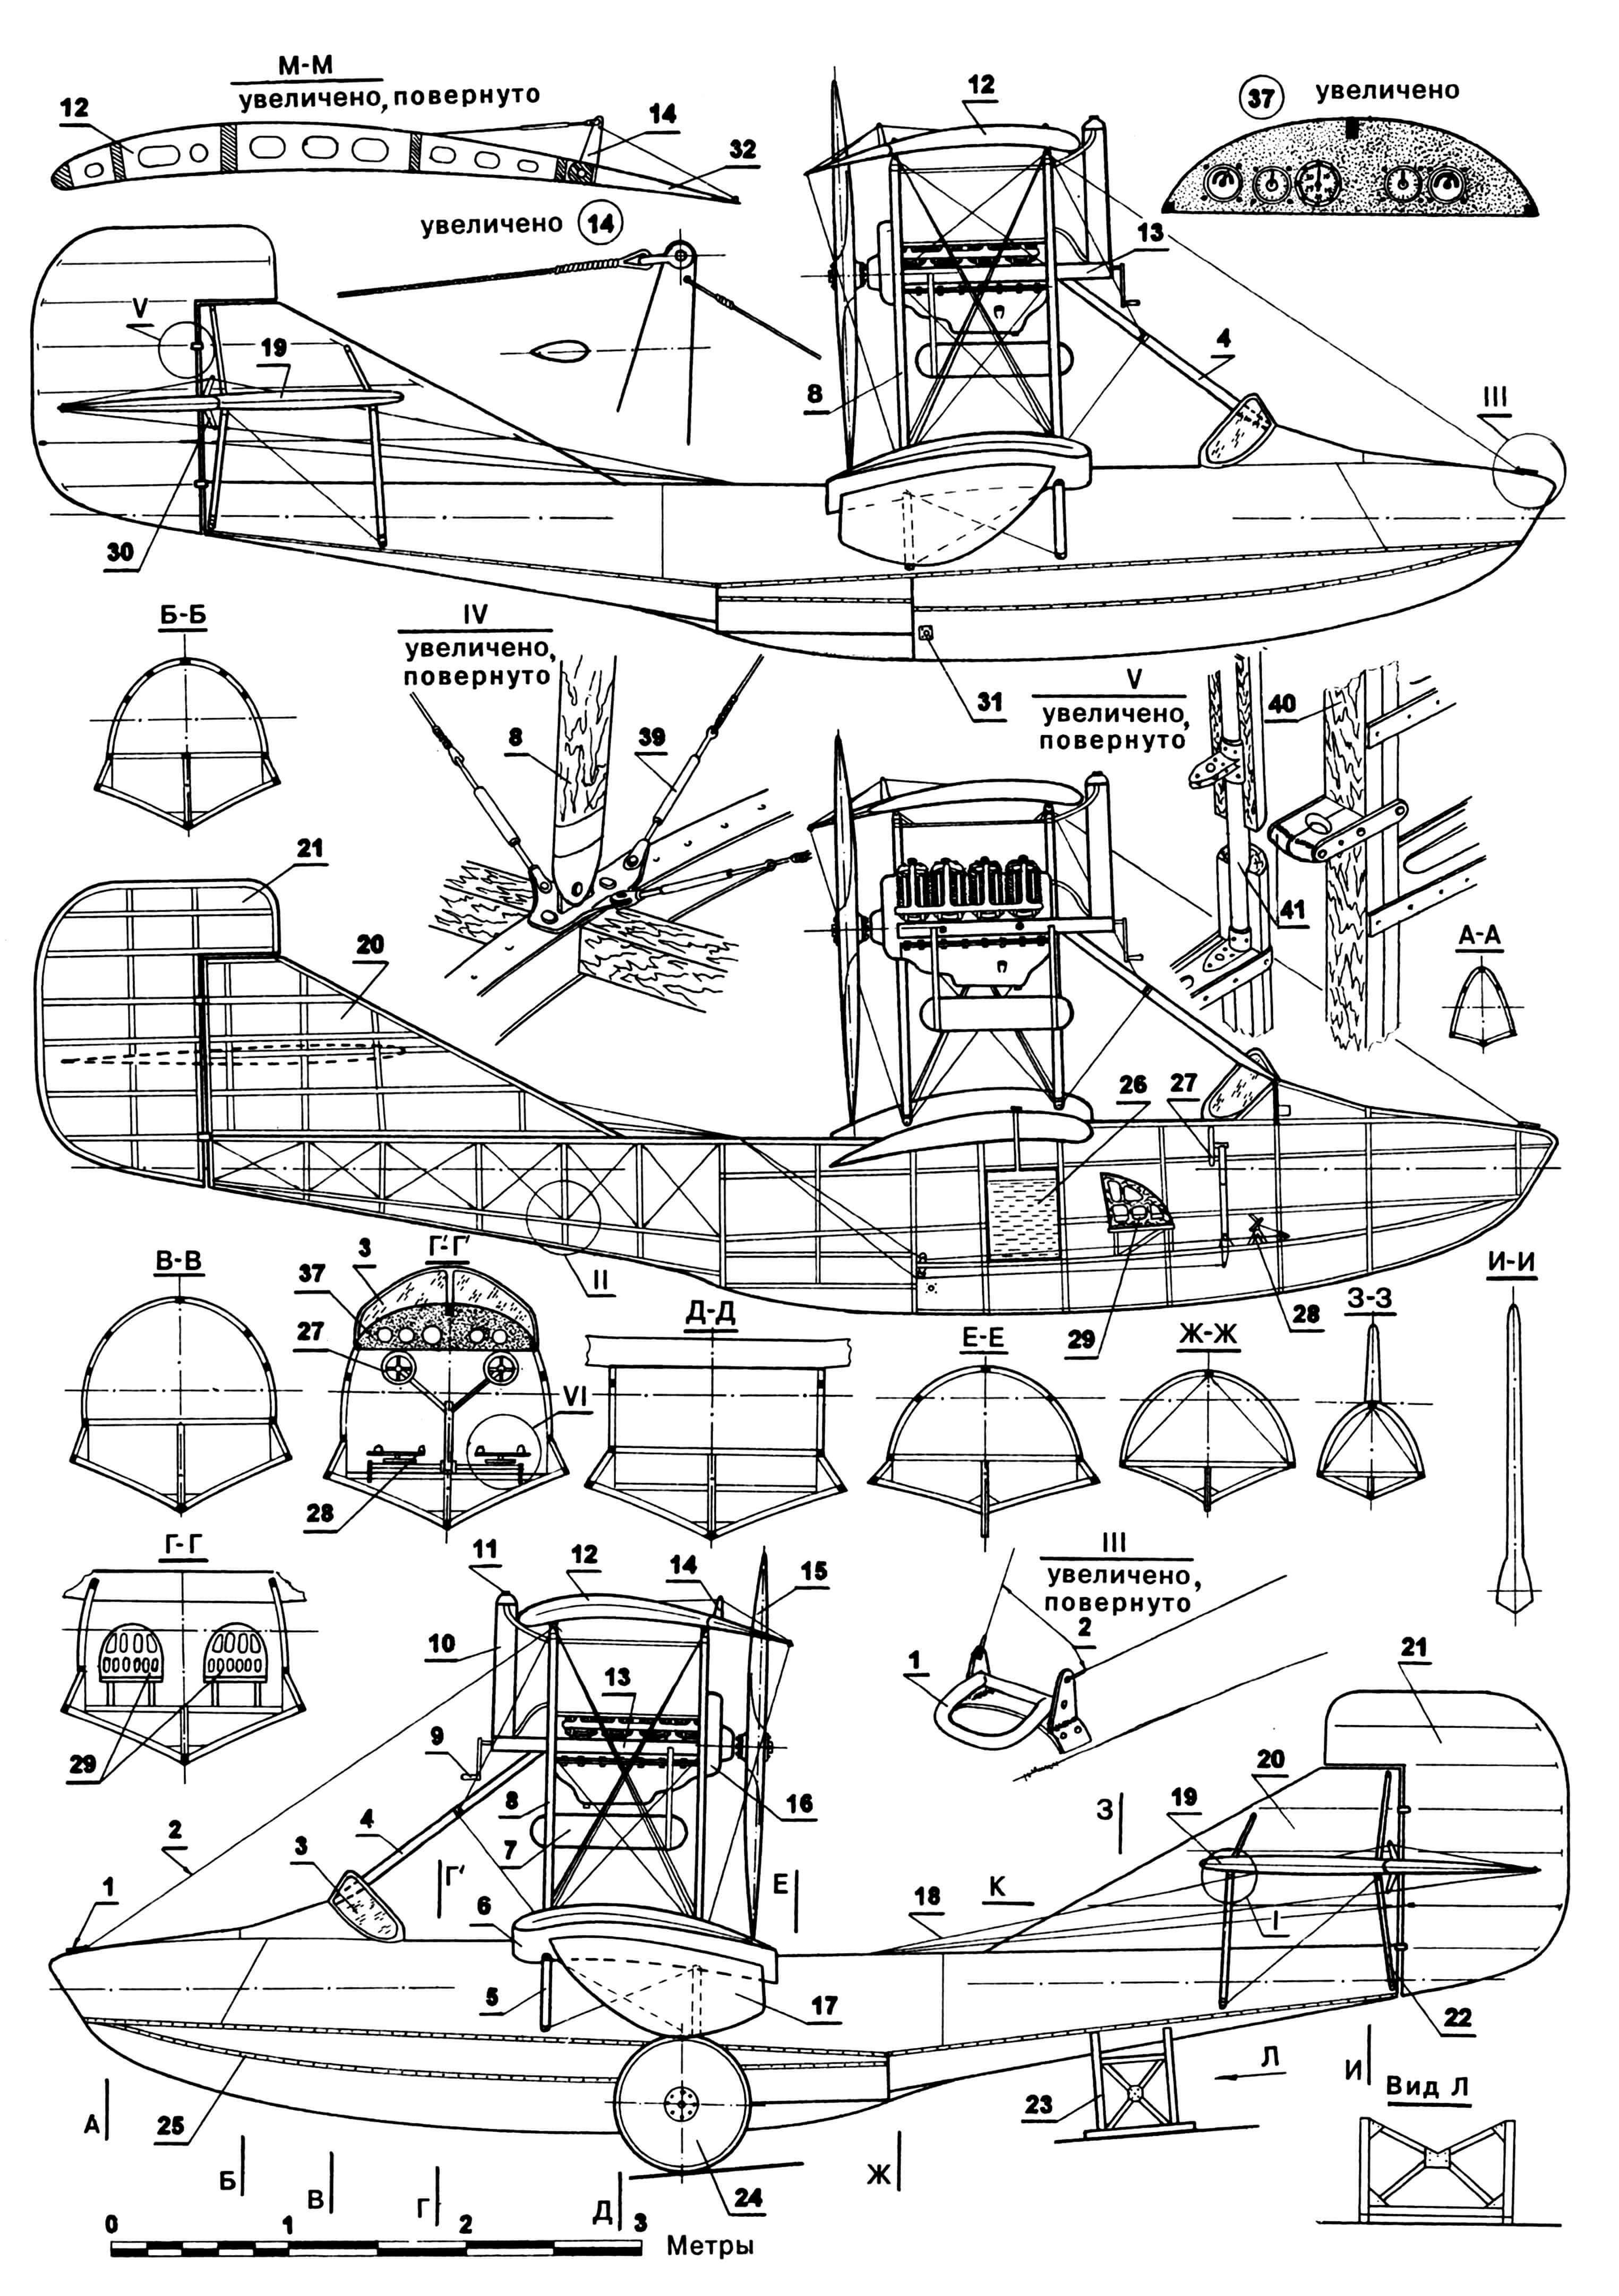 «КЕРТИСС С-3»: 1 — узел швартовочный; 2 — расчалки тросовые; 3 — стекло ветровое; 4 — подкос рамы двигателя носовой; 5 — подкосы нижнего крыла; 6 — крыло нижнее; 7 — маслобак; 8 — стойки крыла; 9 — рукоятка стартера двигателя; 10 — радиатор; 11 — горловина радиатора; 12 — крыло верхнее; 13 — рама крепления двигателя; 14 — качалка элерона; 15 — винт воздушный фирмы «Кертисс»; 16 — двигатель; 17 — поплавок крыльевой; 18 — проводка управления тросовая; 19 — стабилизатор; 20 — киль; 21 — руль направления; 22 — подкосы стабилизатора; 23 — подставка стояночная хвостовая; 24 — колесо транспортной тележки; 25 — окантовка корпуса металлическая; 26 — бак топливный; 27 — штурвал; 28 — педали управления рулем направления; 29 — кресло пилота; 30 — качалка руля высоты; 31 — узел установки колес тележки; 32 — элерон; 33 — руль высоты; 34 — качалка руля направления; 35 — картер двигателя; 36 — подкосы рамы двигателя (две пары в плоскостях стоек крыла); 37 — доска приборная; 38 — узел соединения элементов конструкции фюзеляжа (типовой); 39 — тендер тросовых расчалок; 40 — лонжерон киля; 41 — узел навески руля направления (типовой).